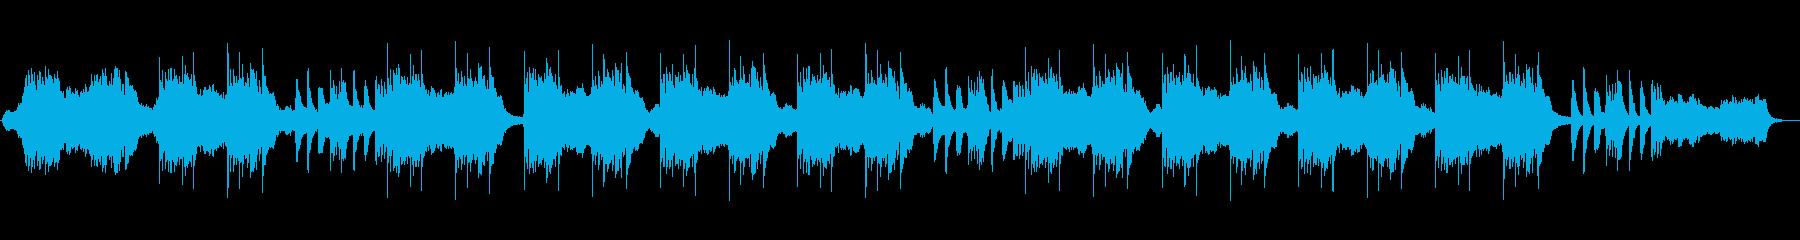 波音に合わせて奏でられたピアノヒーリングの再生済みの波形